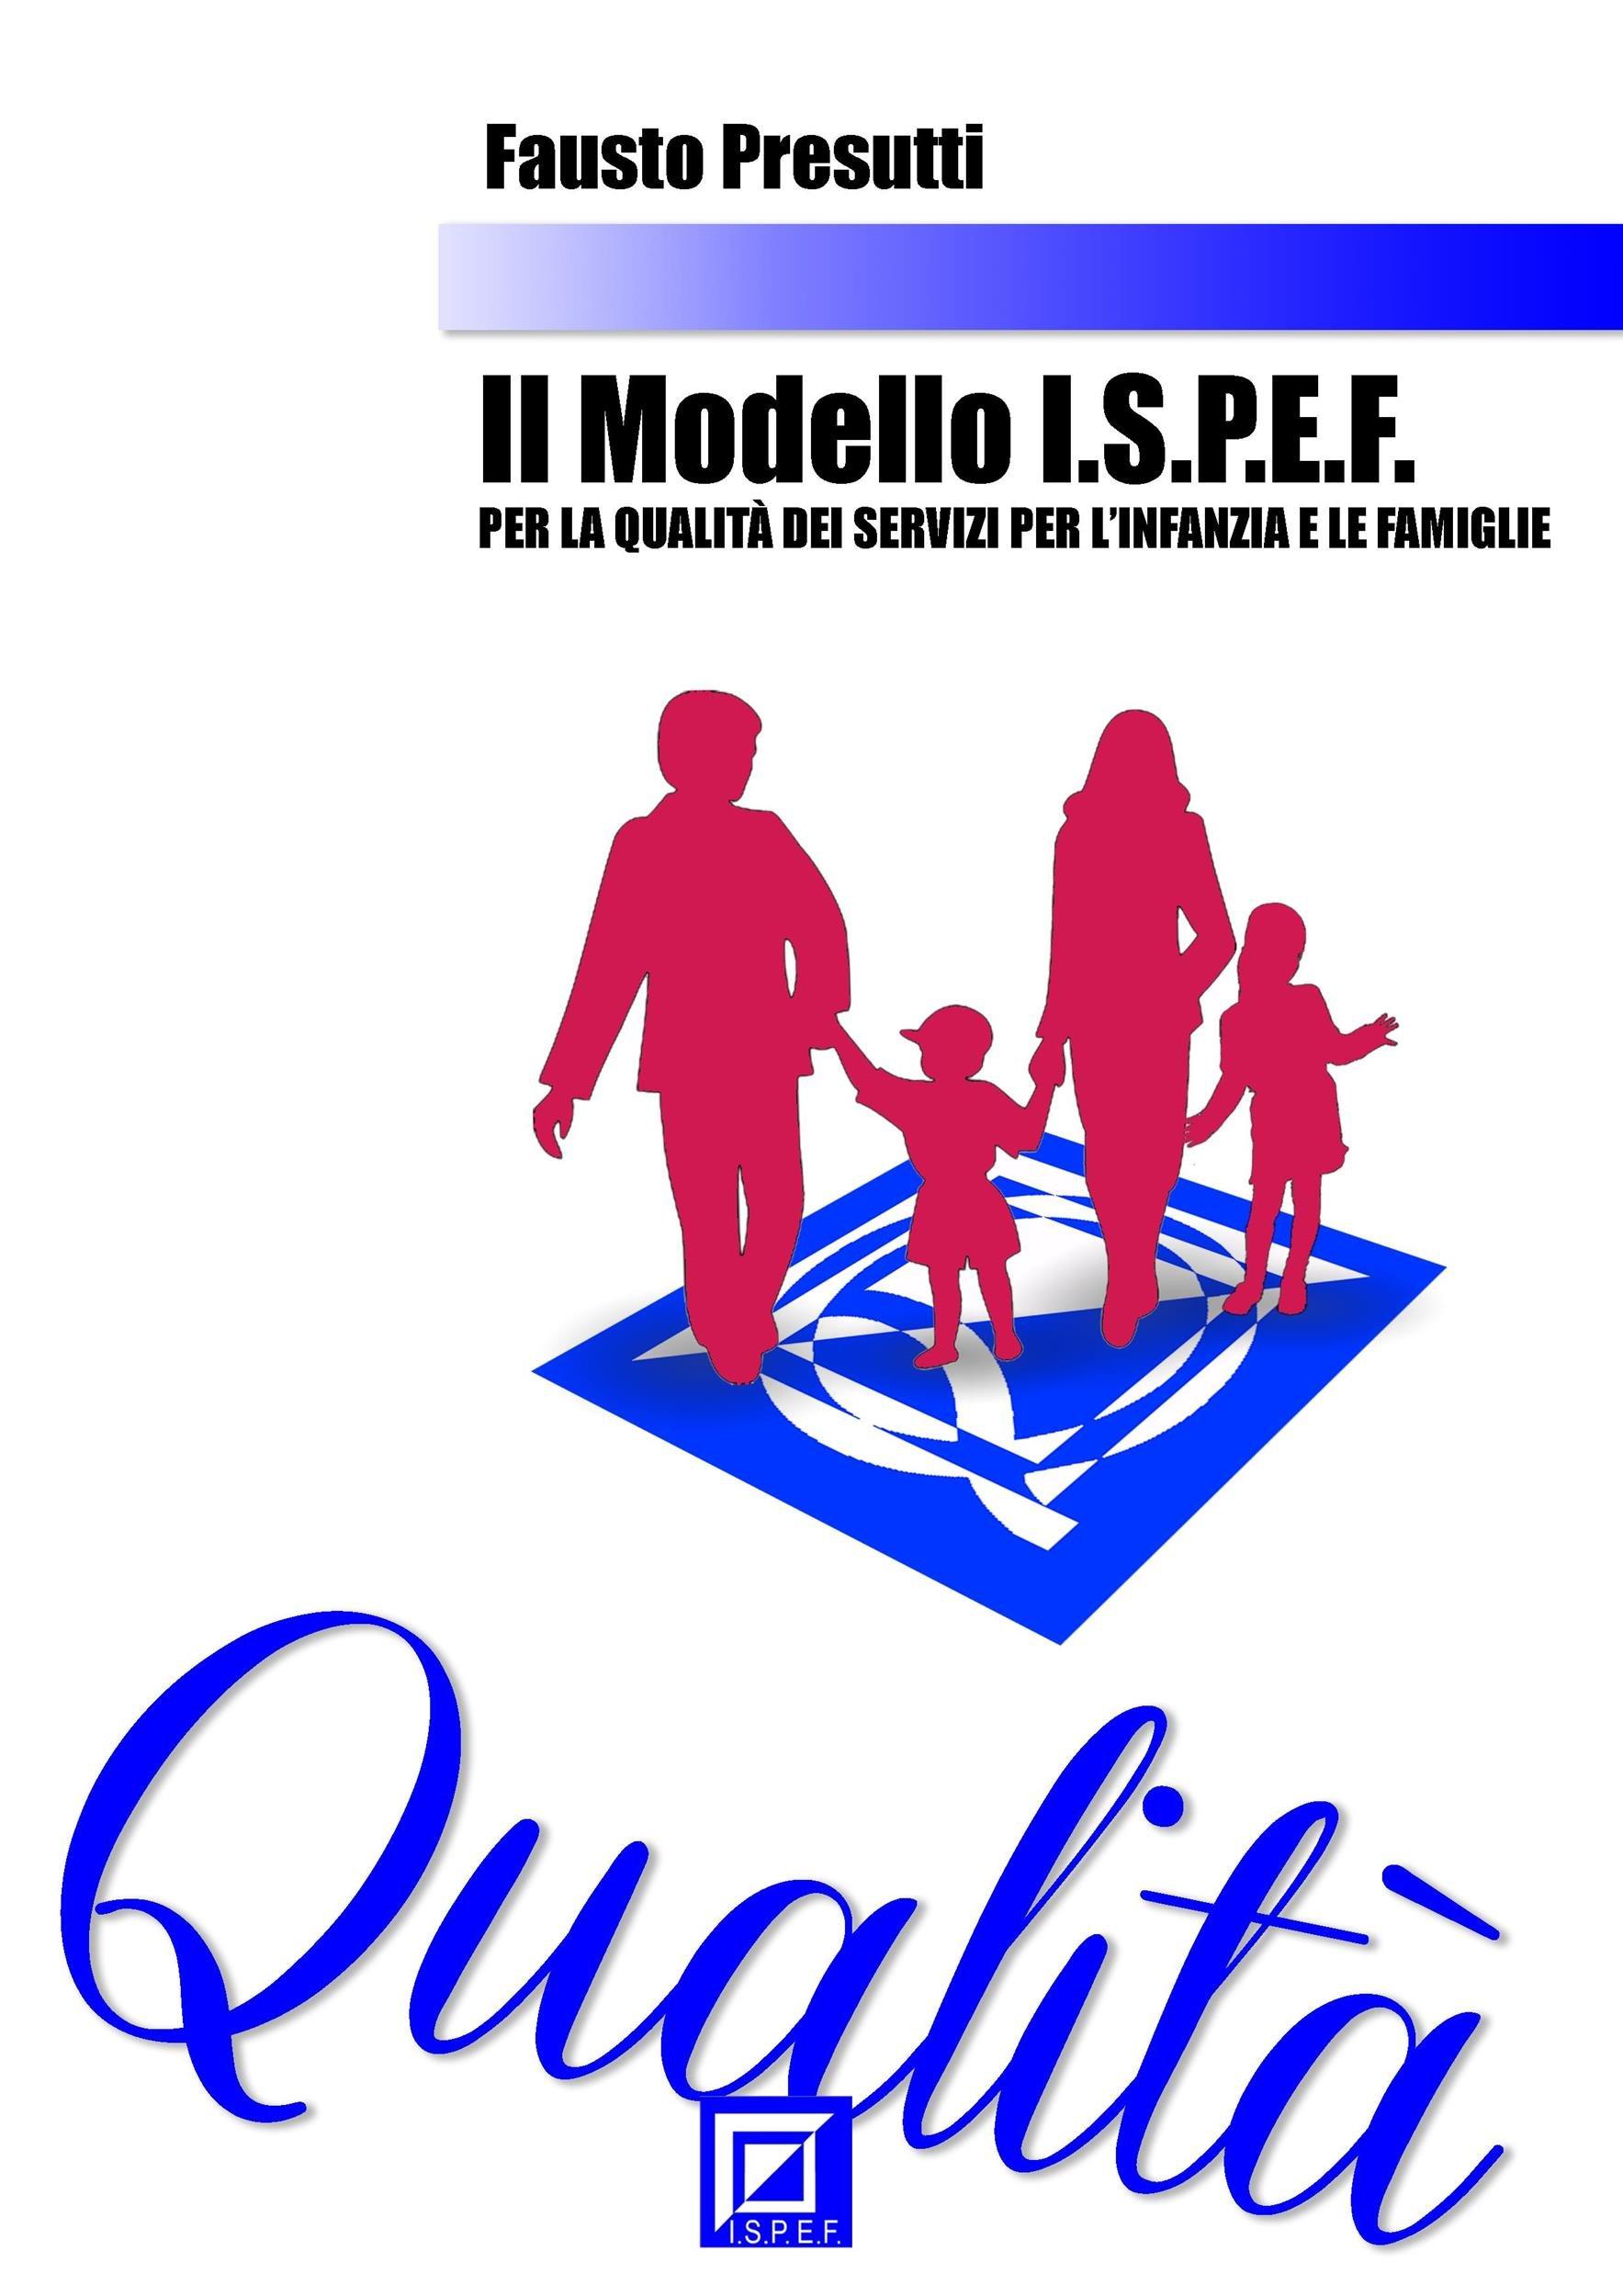 Il Modello I.S.P.E.F. per la Qualità dei Servizi per l'Infanzia e le Famiglie (Italian Edition)